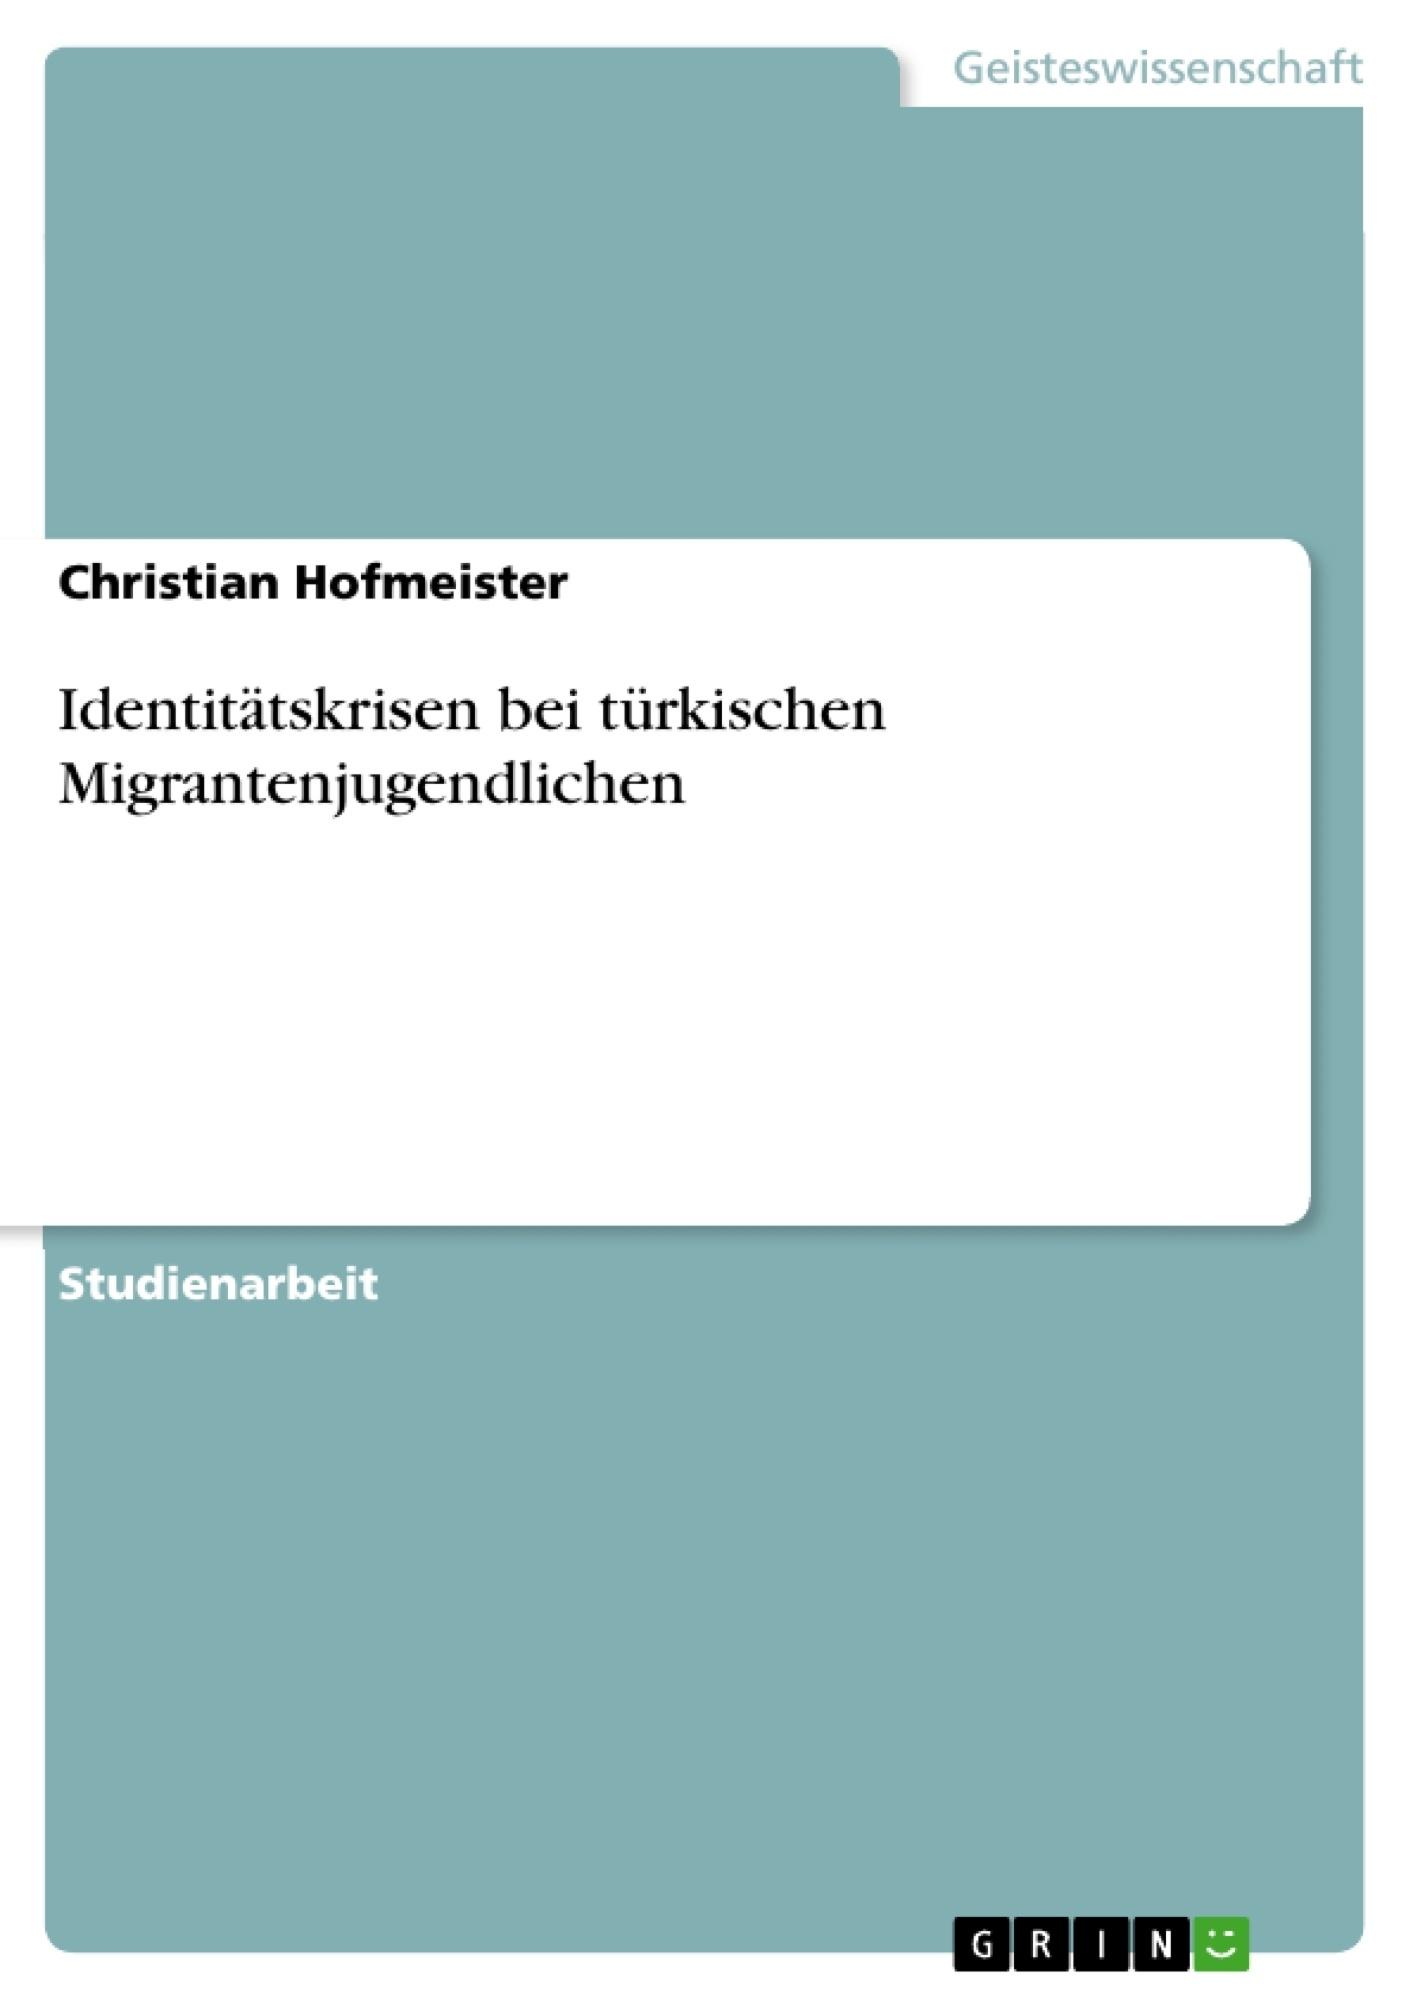 Titel: Identitätskrisen bei türkischen Migrantenjugendlichen